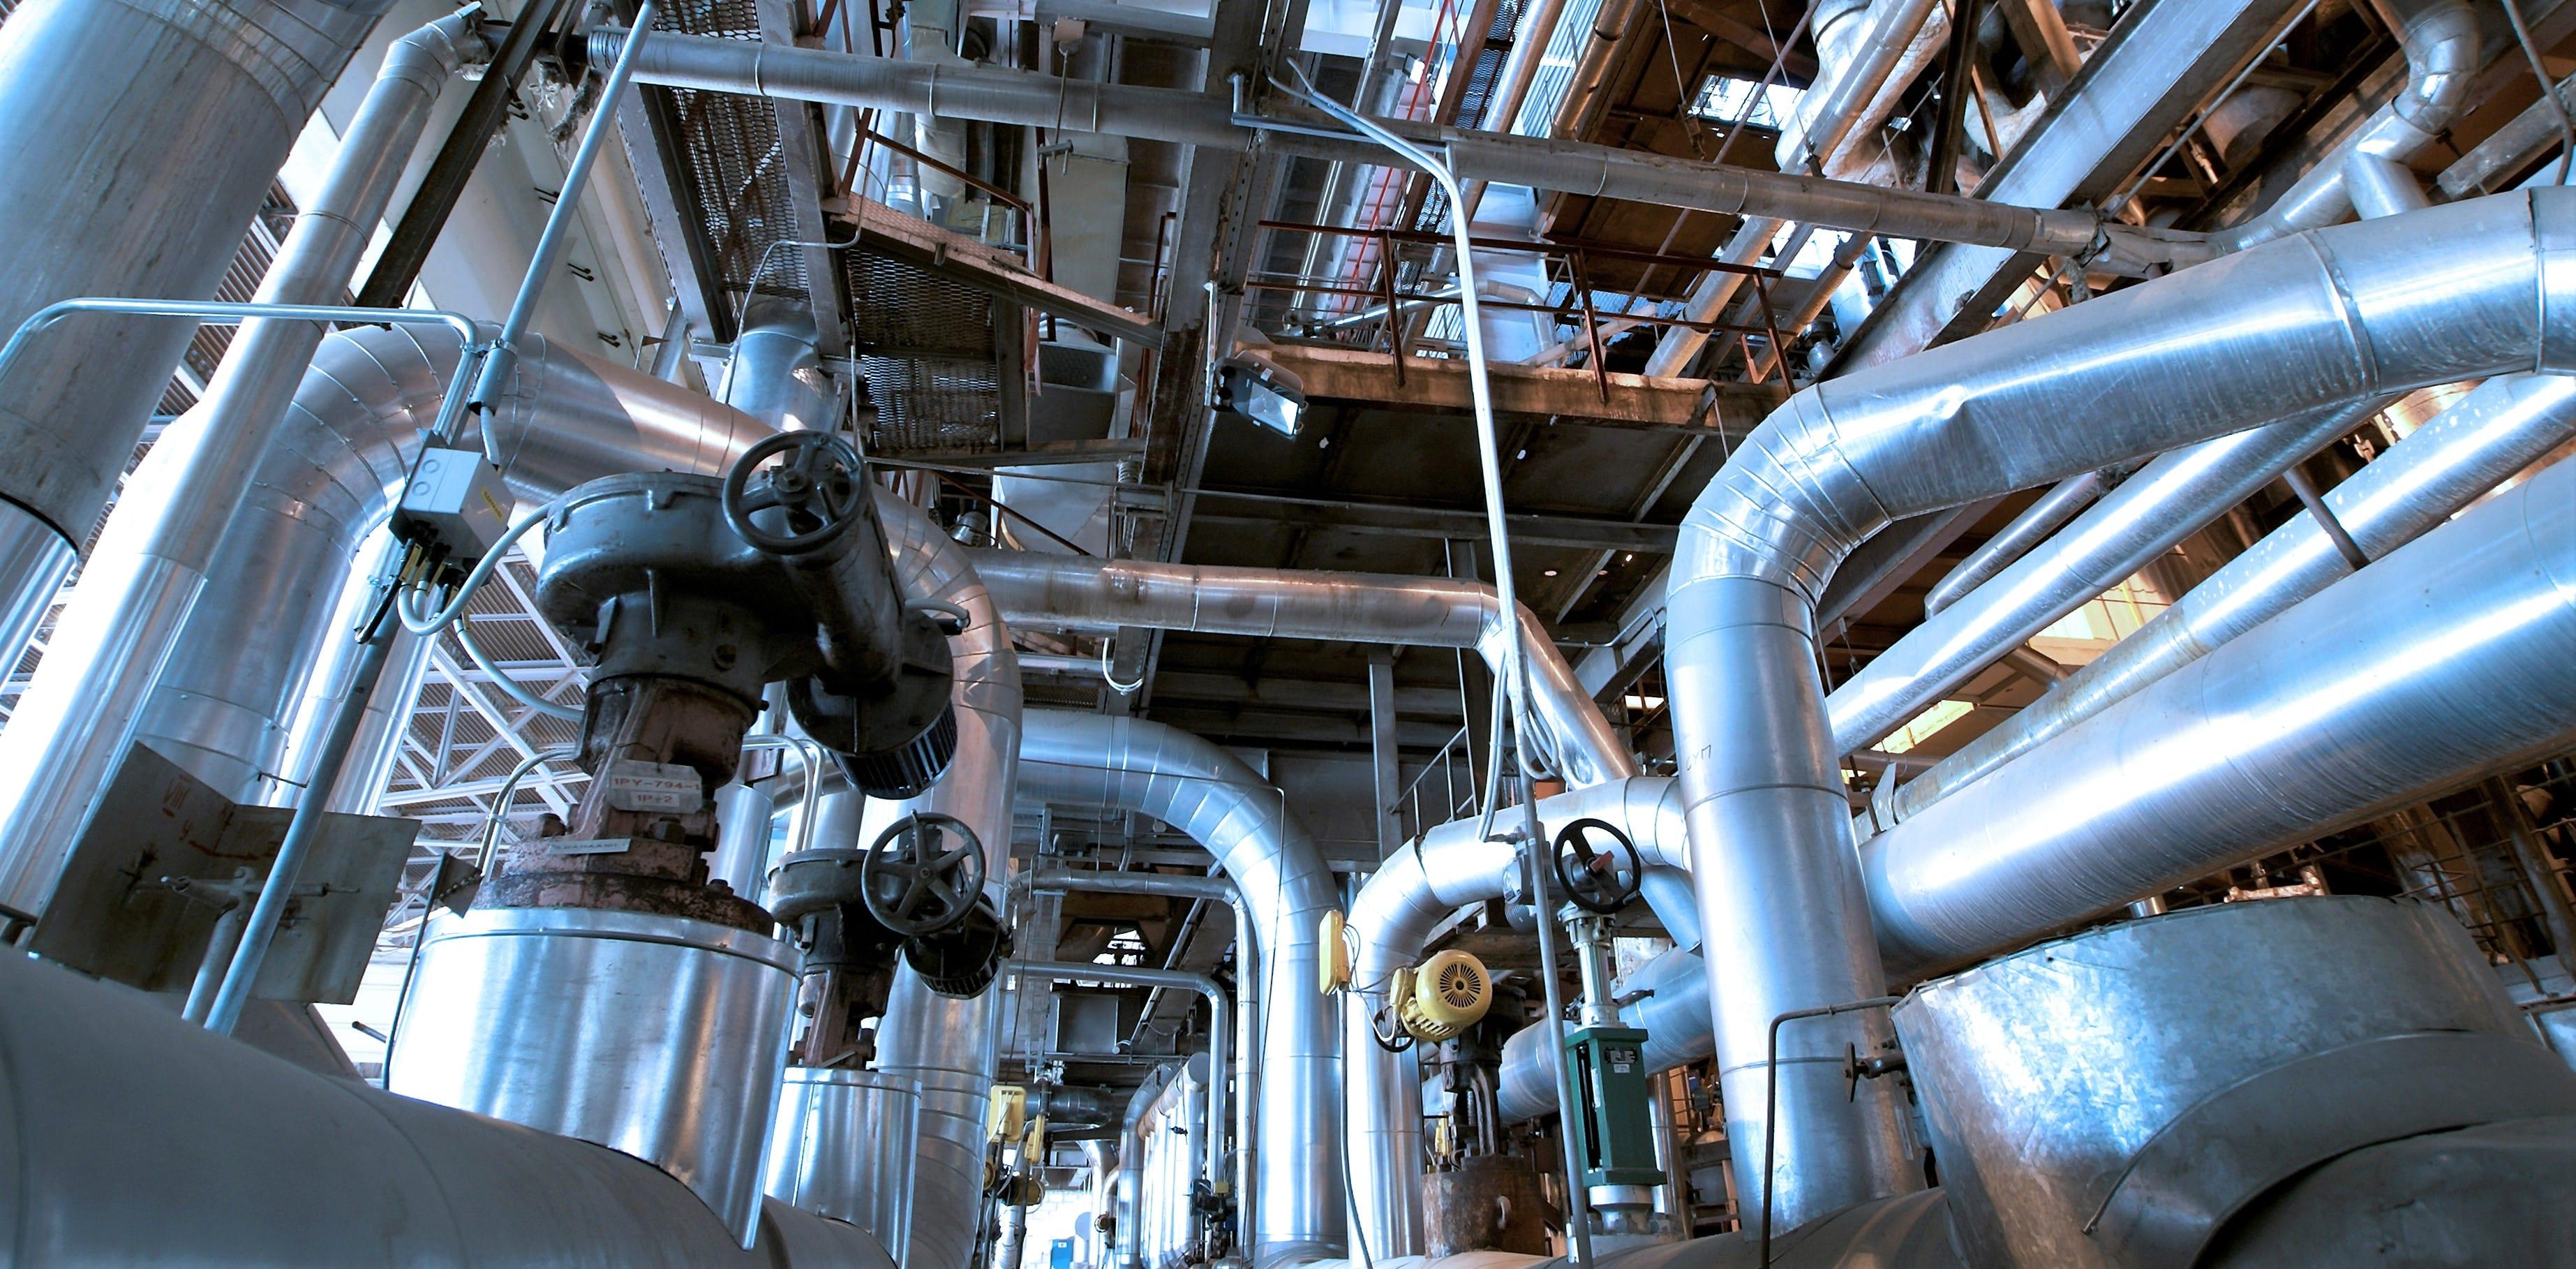 Energy efficiency engineer for industry